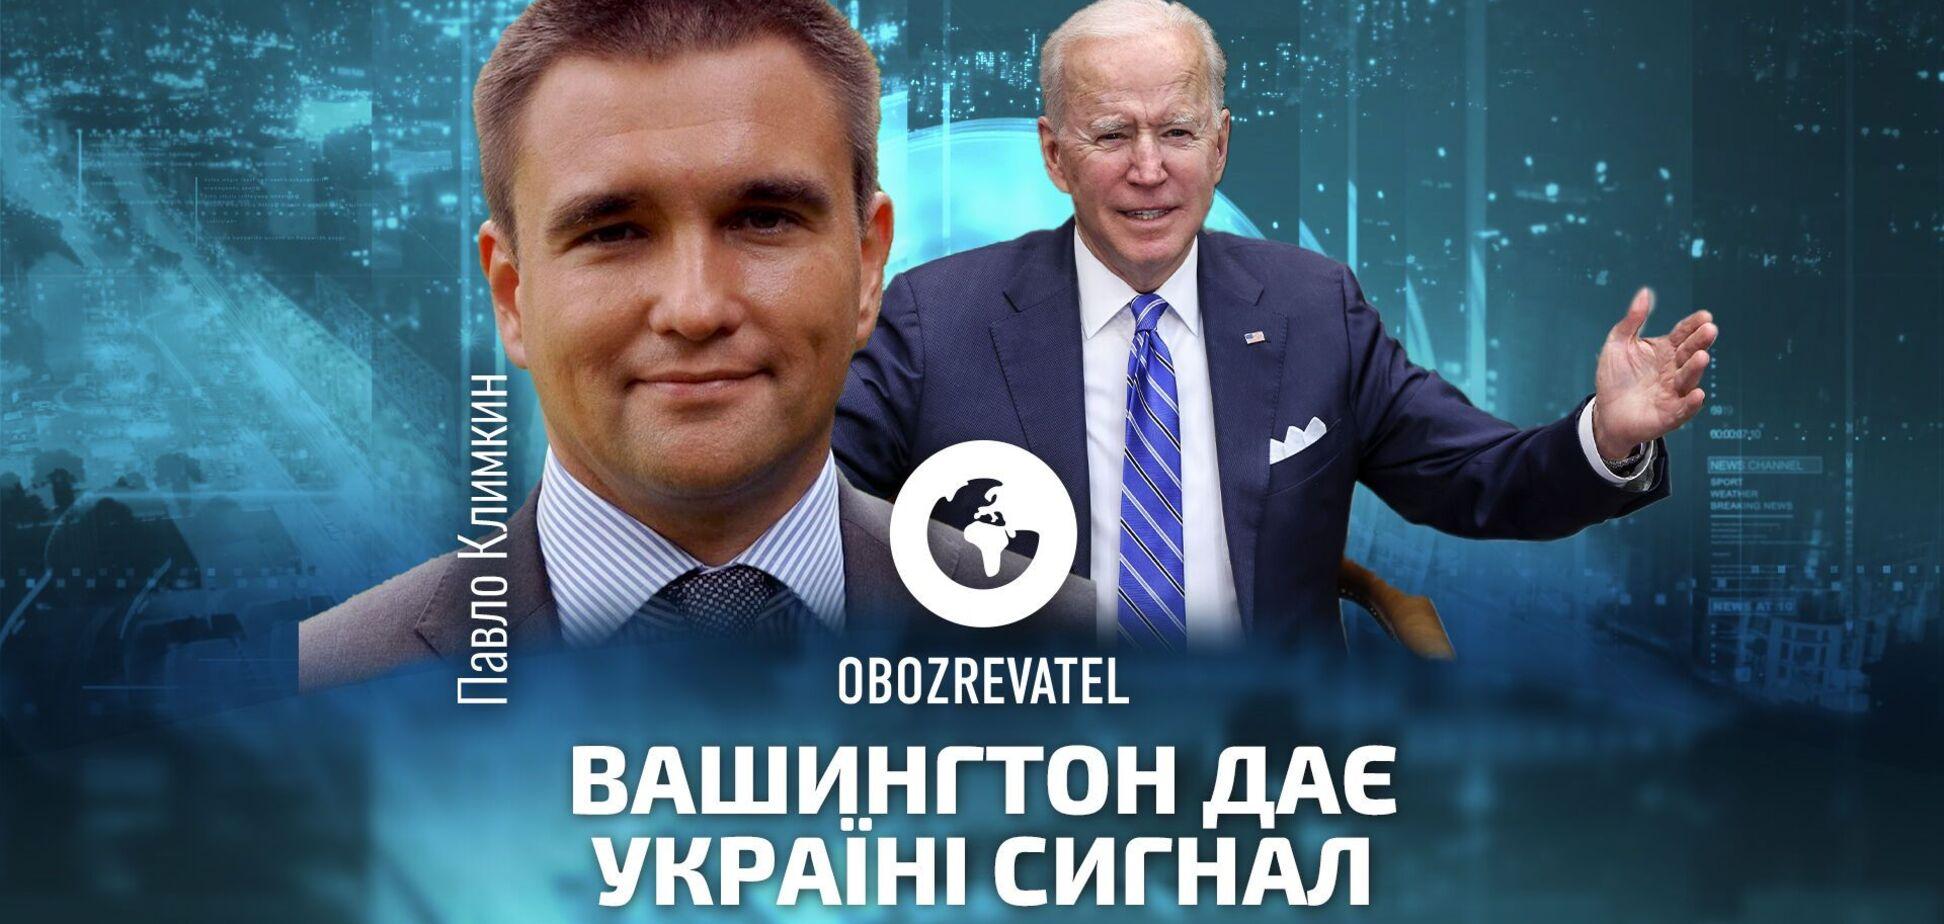 Климкин: Вашингтон дает Украине сигнал